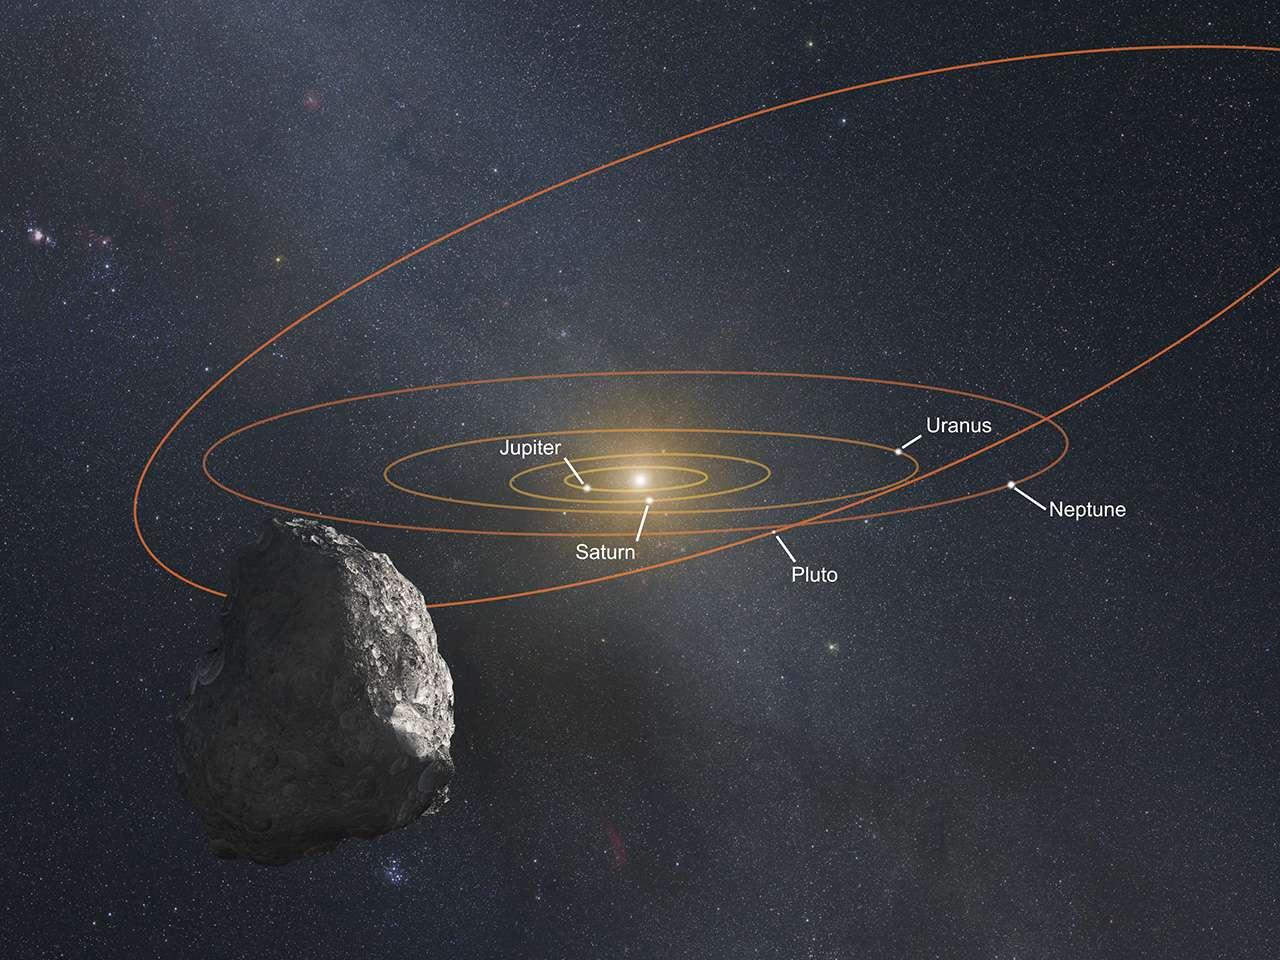 Illustration d'un « objet de la ceinture de Kuiper » (KBO). Hubble a permis de détecter trois candidats de 25 km à 50 km de taille que New Horizons pourrait aller visiter après l'exploration du système plutonien. On peut voir en orange et en rouge, les orbites des planètes géantes et celles, plus inclinées et allongées, de la planète naine. Quand la sonde spatiale survolera le corps céleste choisi, le Soleil sera à une distance de 6,4 milliards de kilomètres. © Nasa, Esa, G. Bacon (STScI)